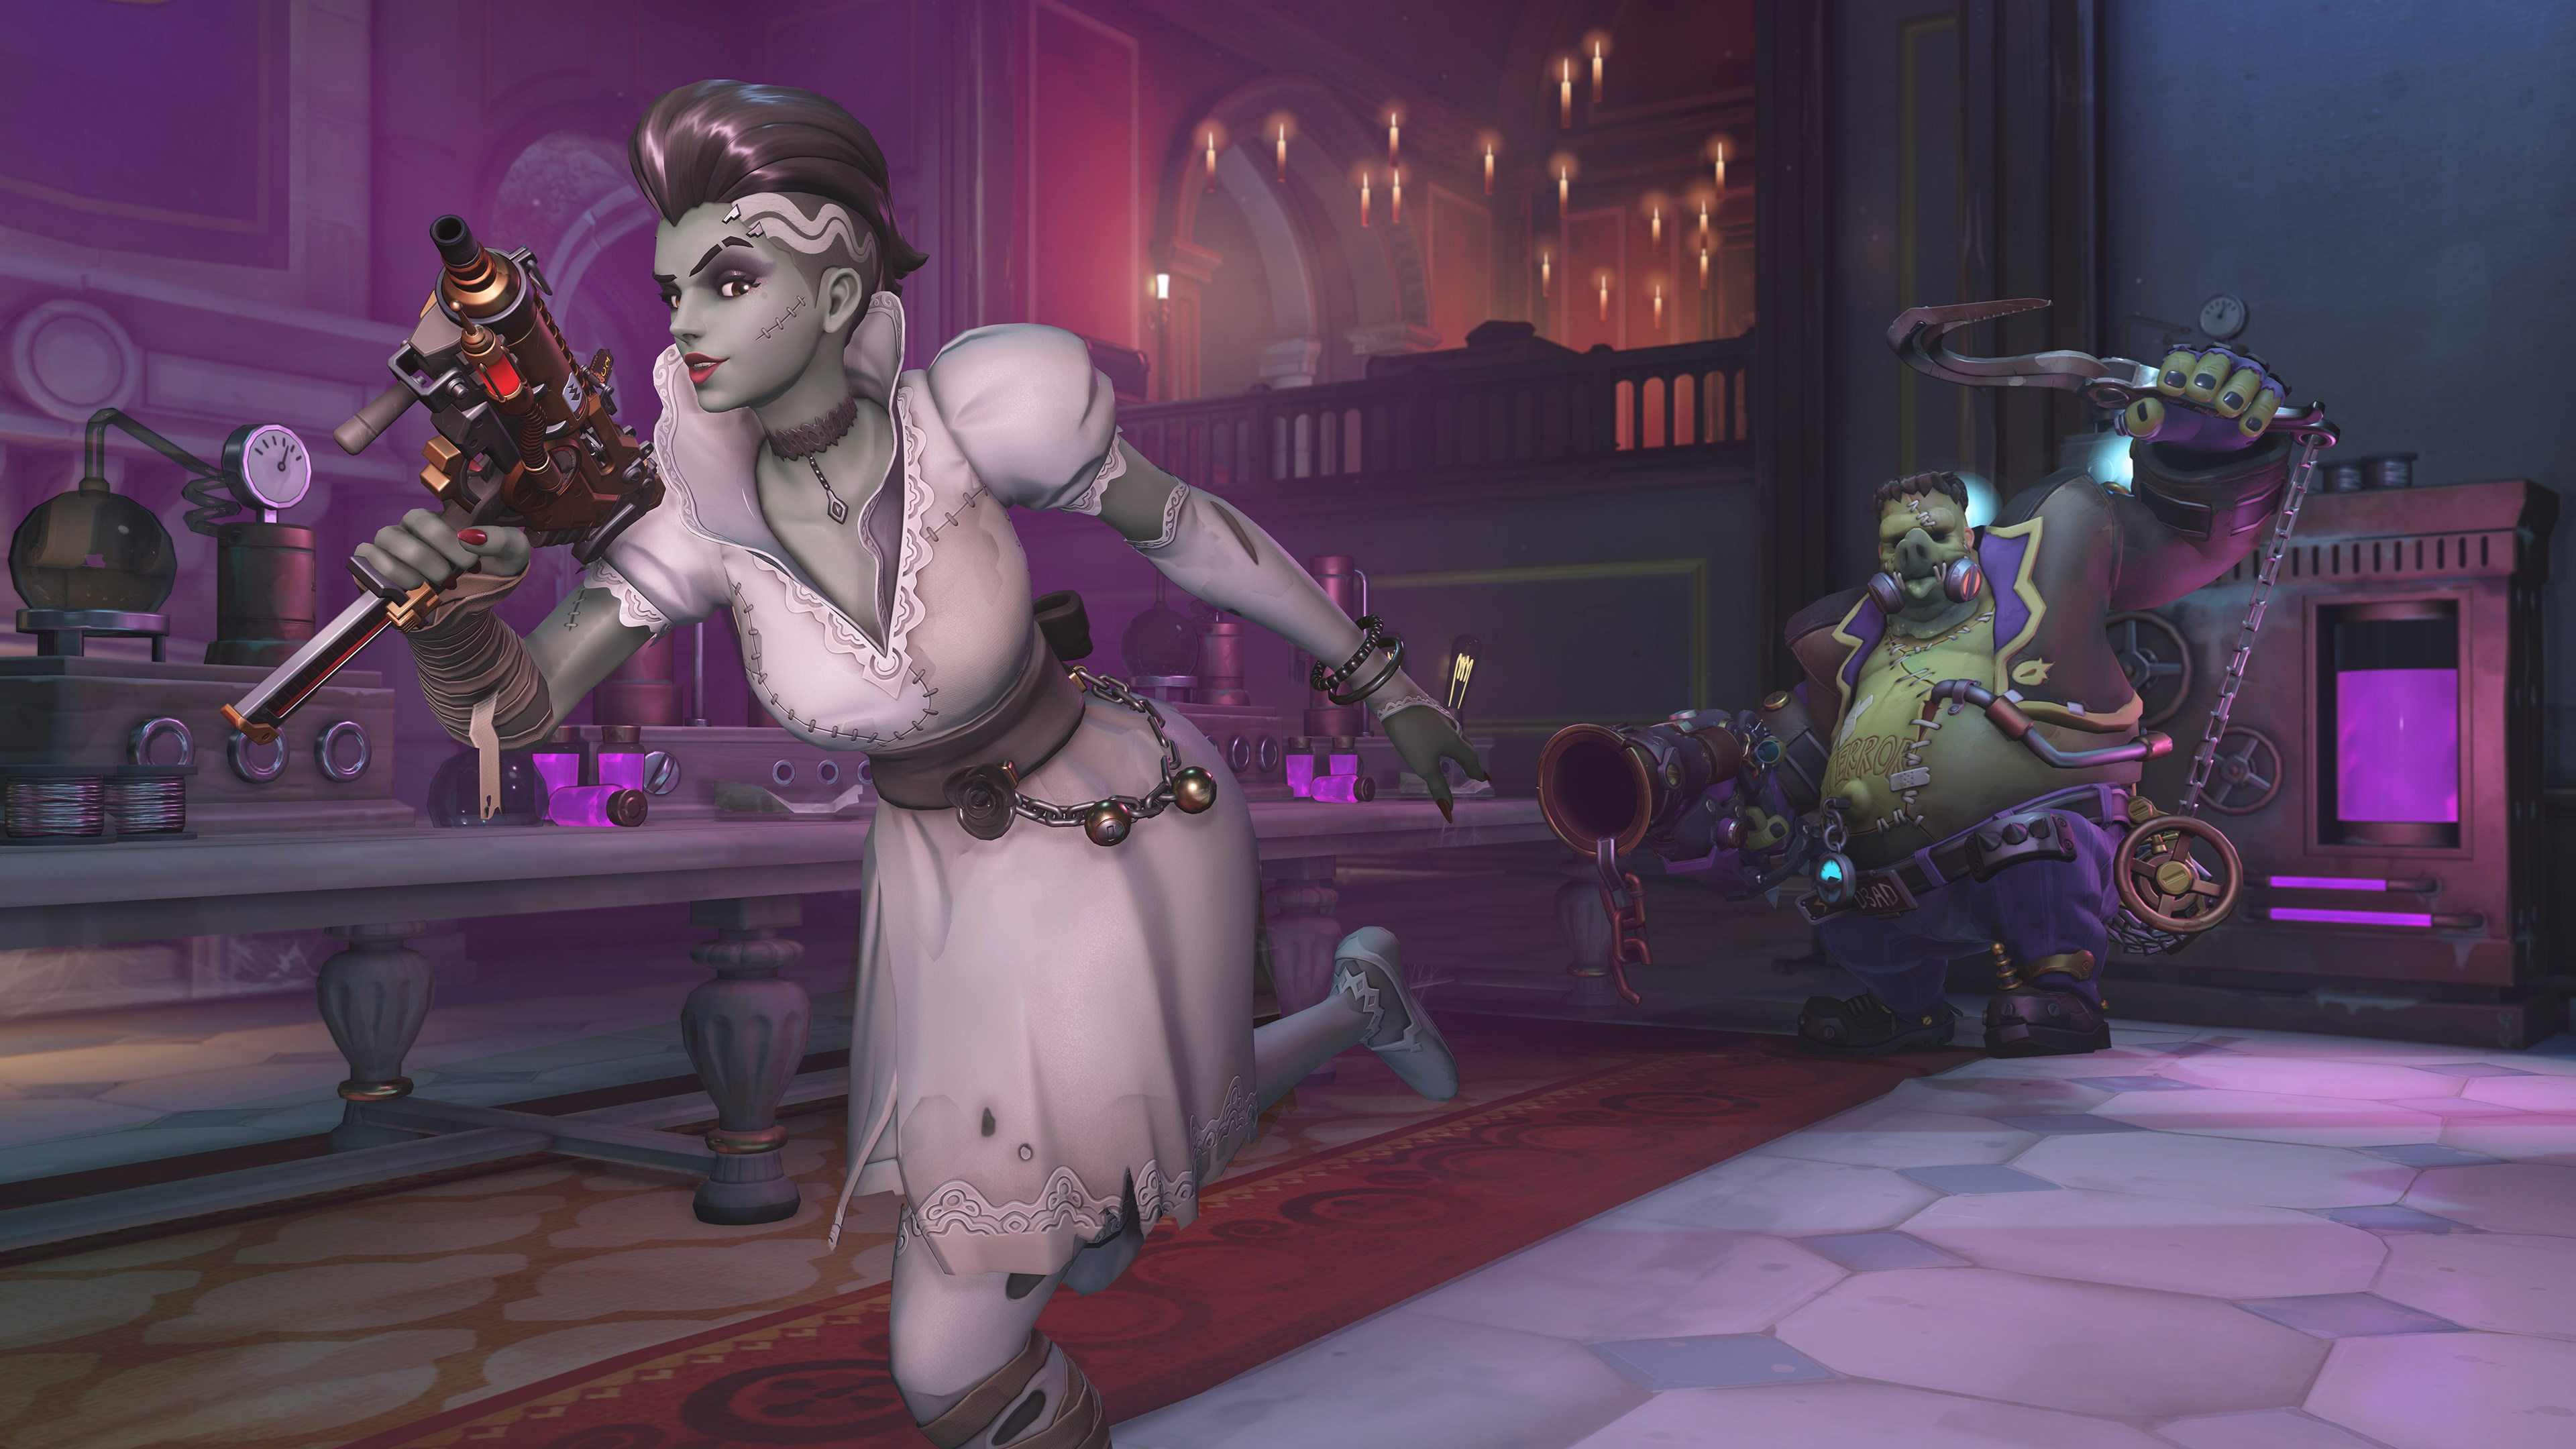 Overwatch(オーバーウォッチ)のイメージ画像